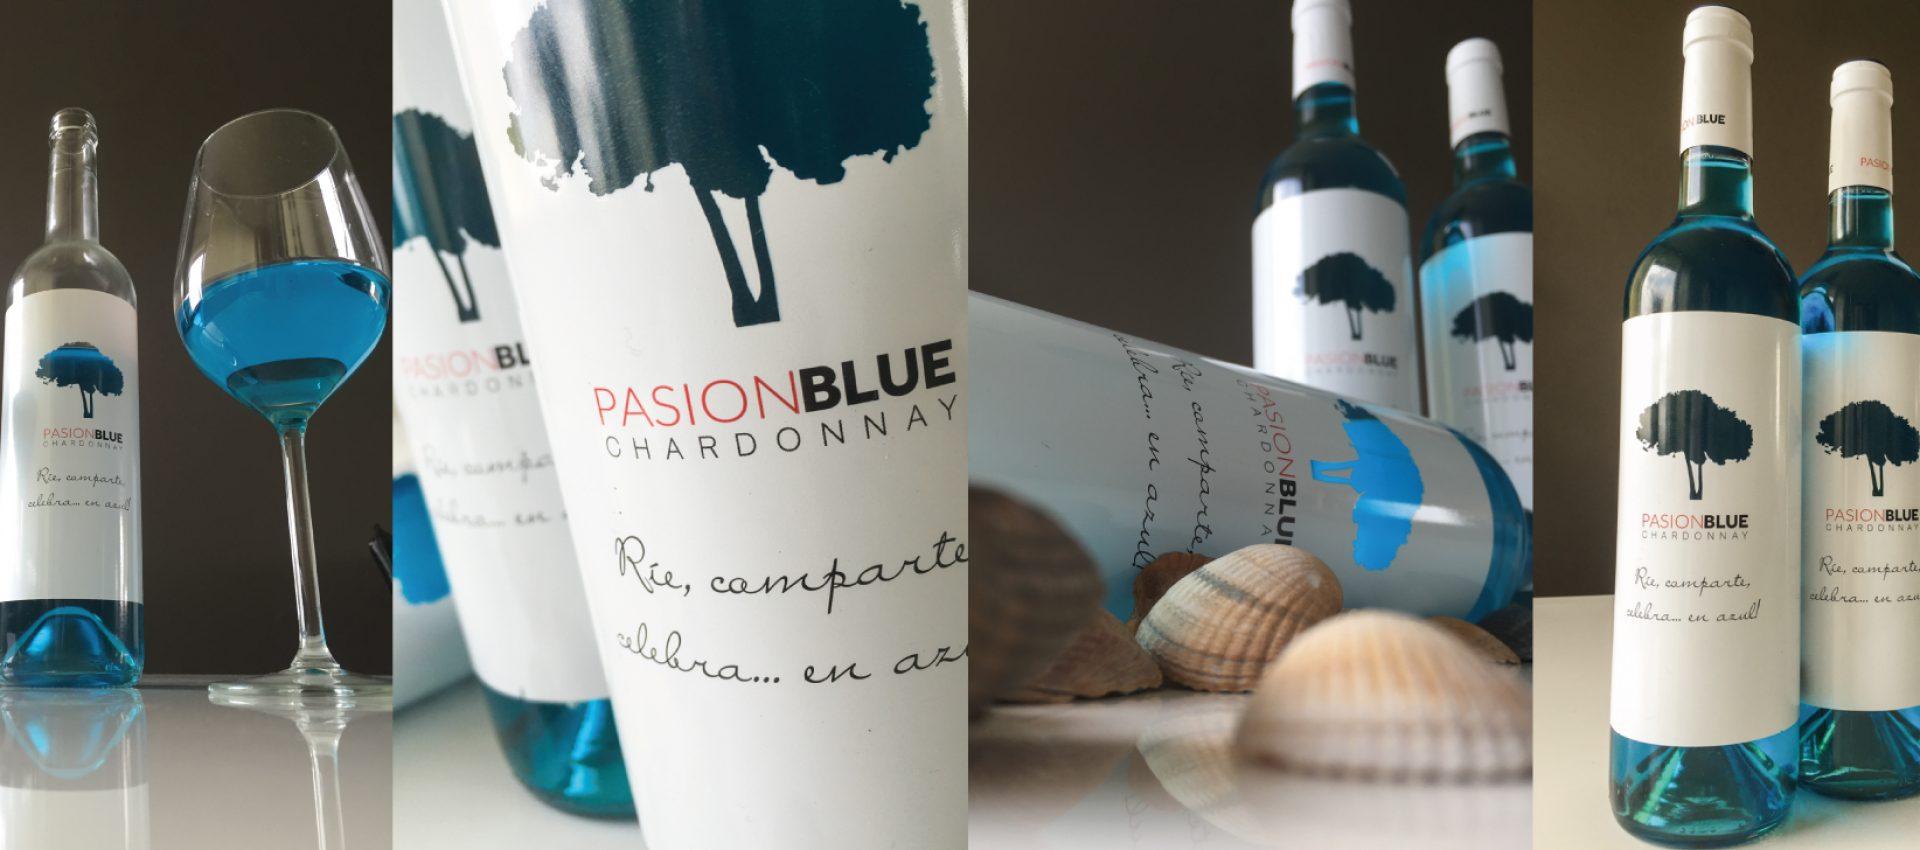 Pasion Blue